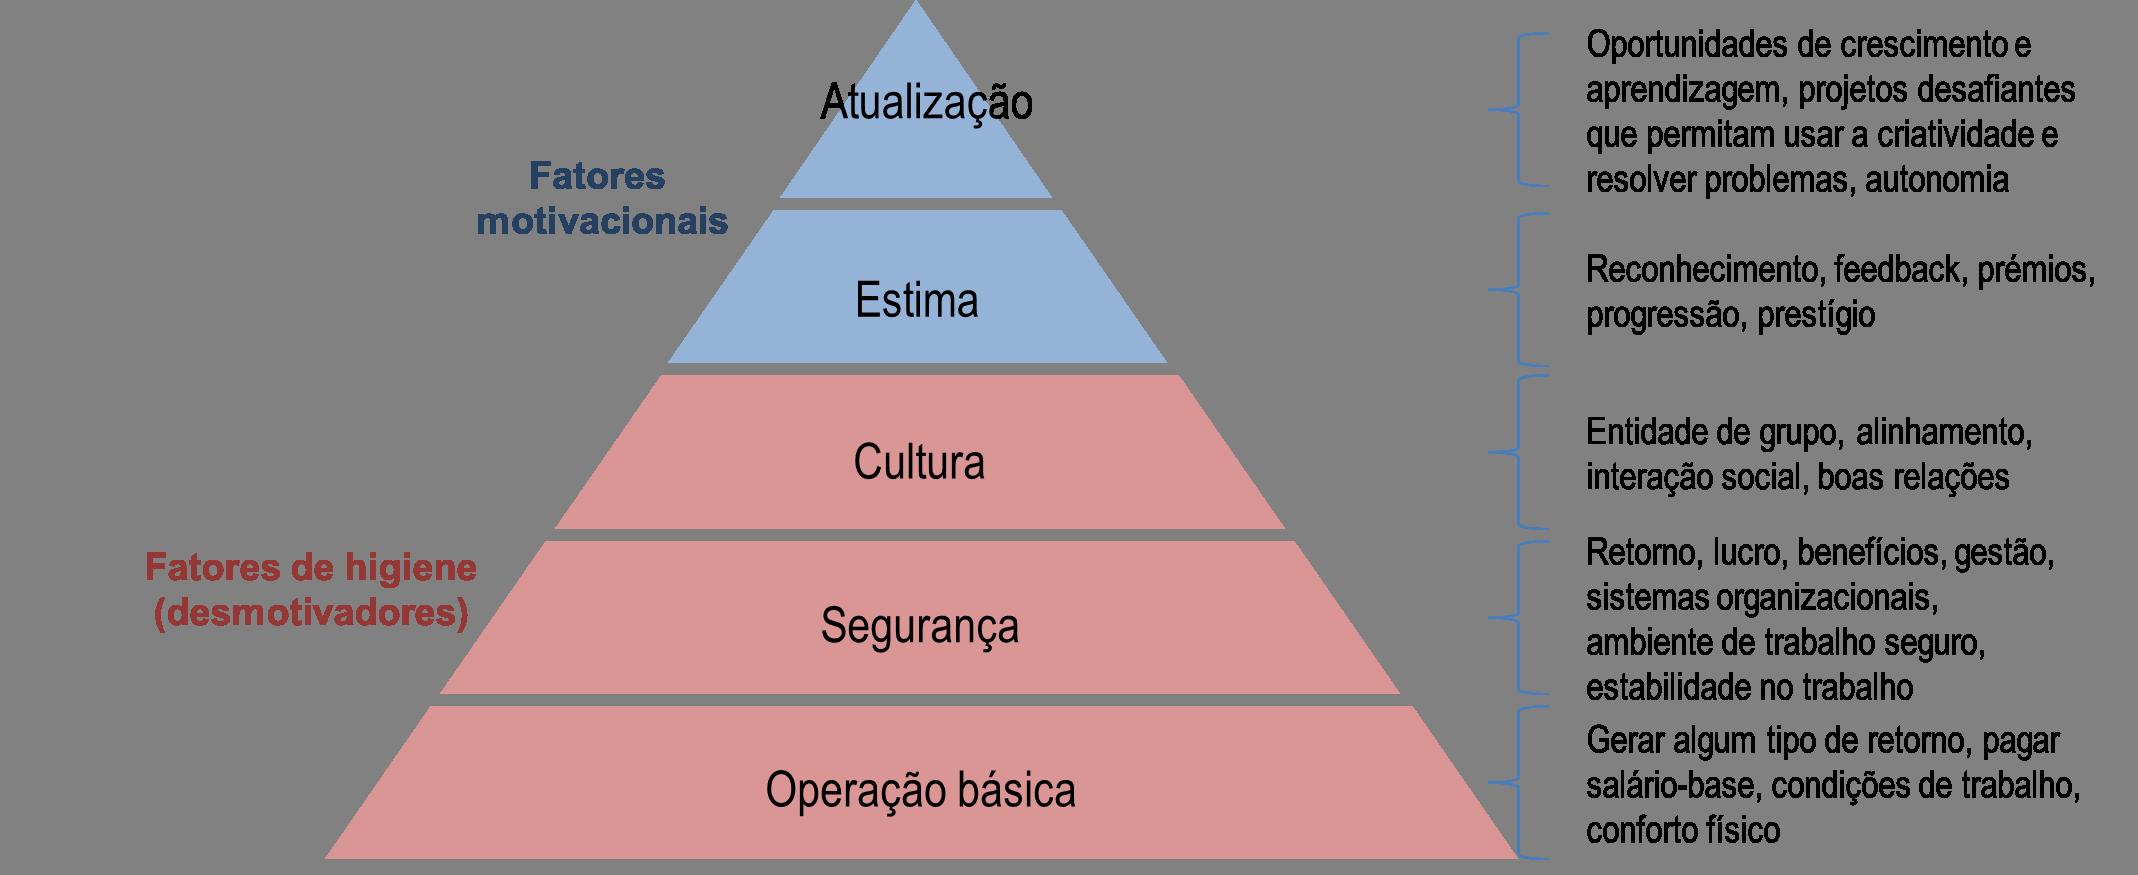 Objetivo lua fatores de higiene e motivacionais para o empenho das piramide maslow organizaes ccuart Images